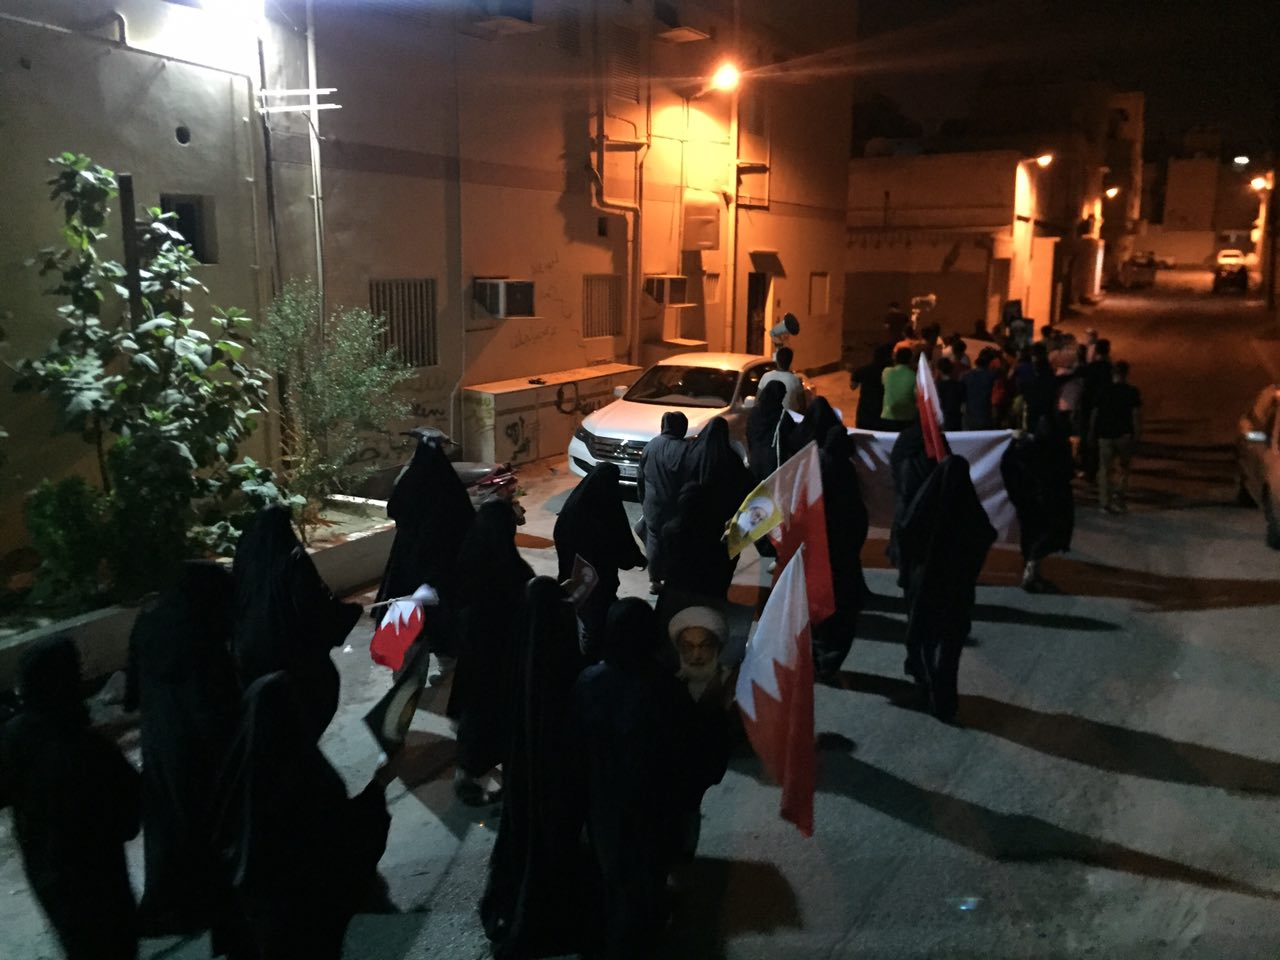 أهالي «عالي» يتظاهرون انتصارًا للدين والقيم